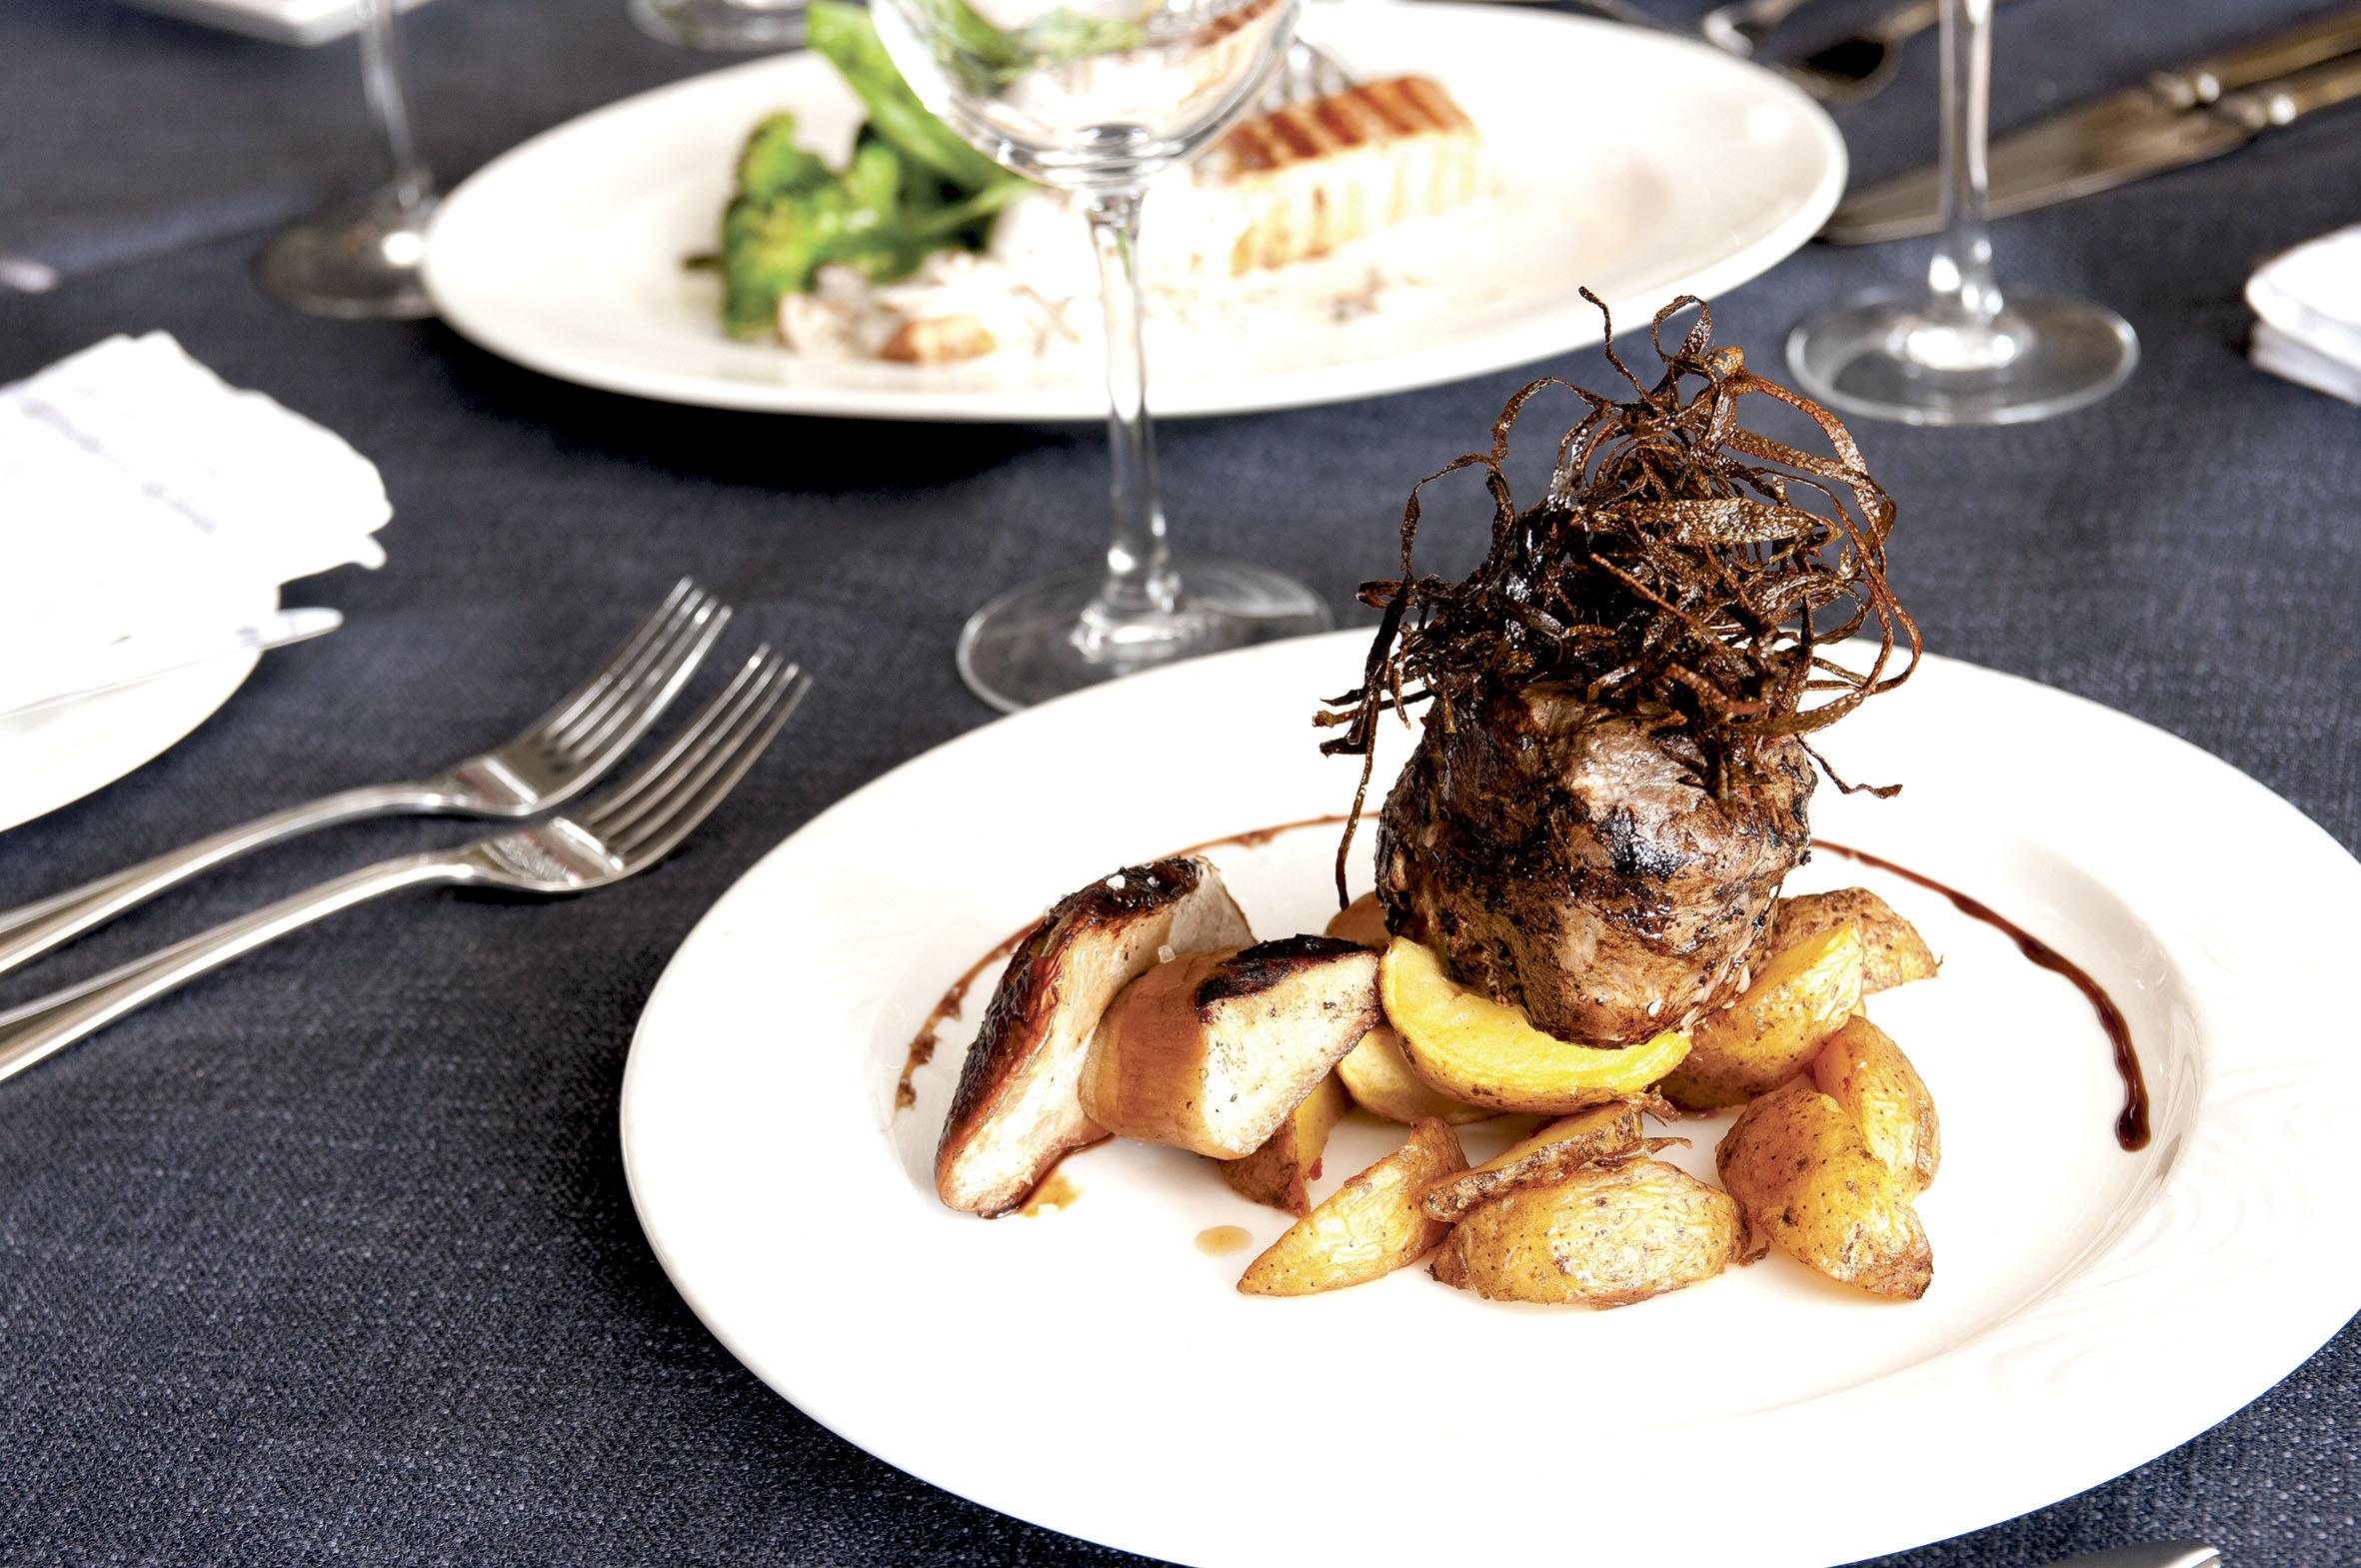 PRISKRIG: Det Er En Lite Uttalt Priskrig Blant Restaurantene I Kvadraturen. Foto: Illustrasjonsbilde